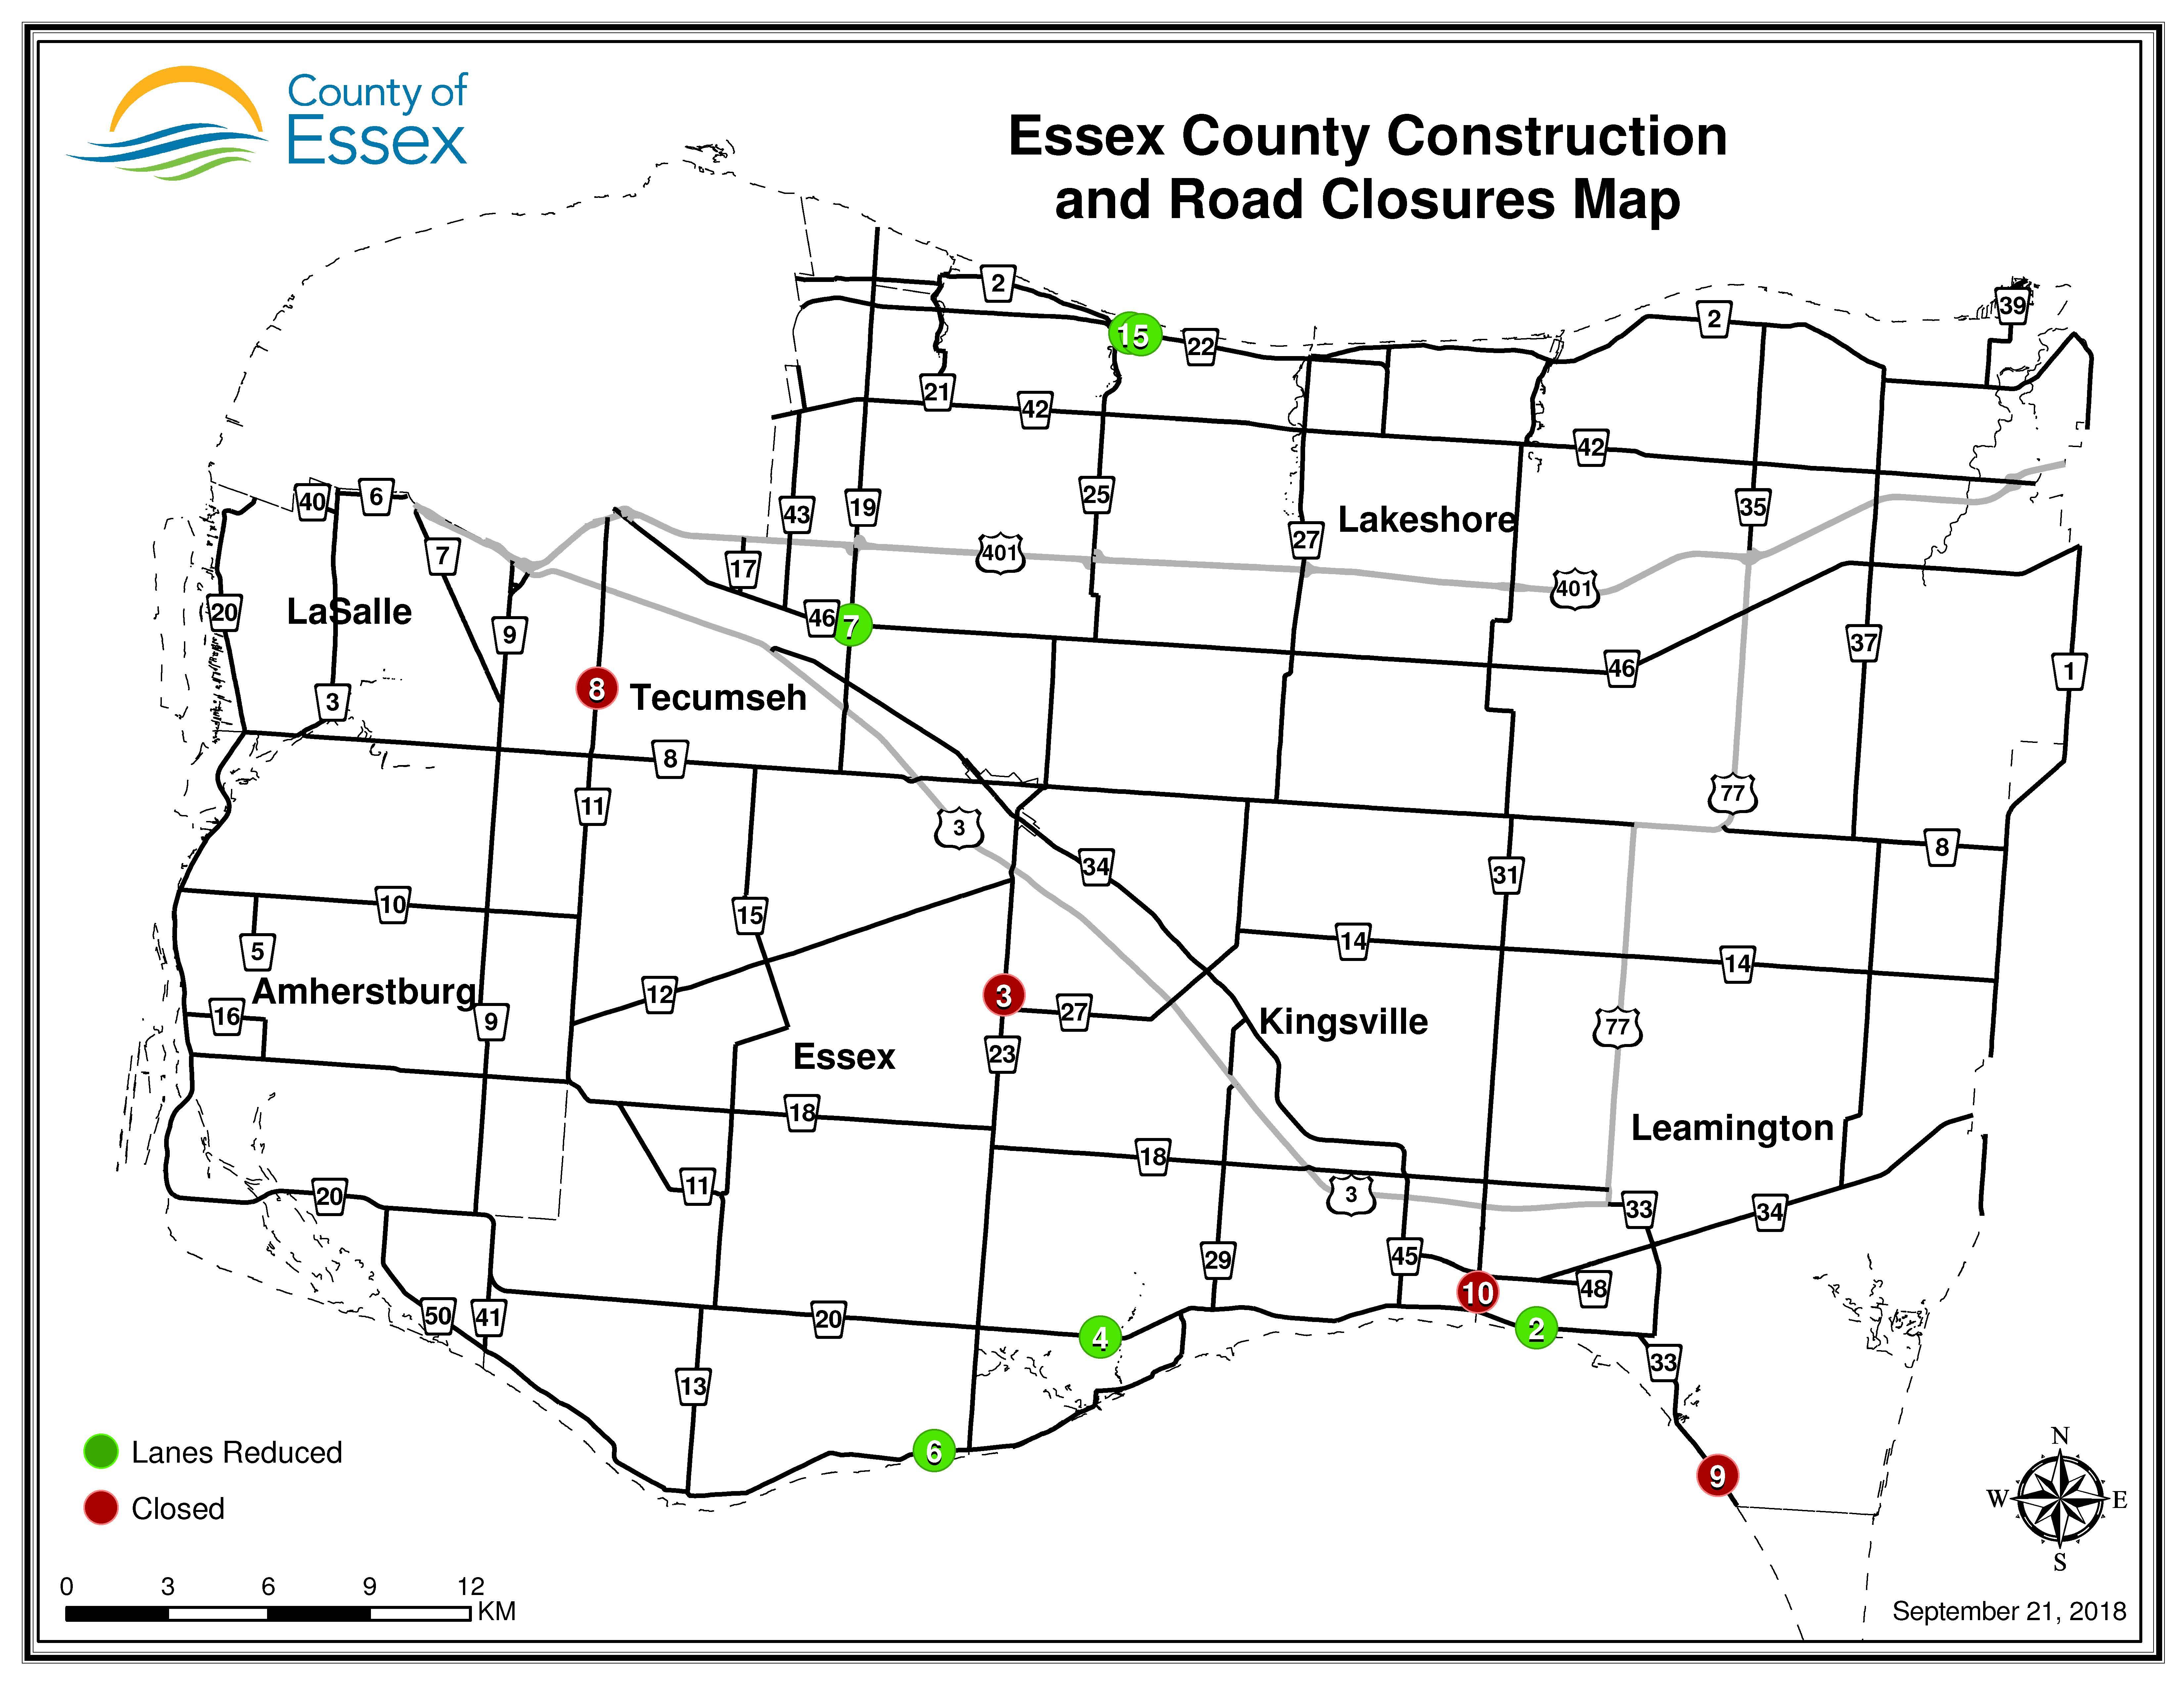 EC Road Construction